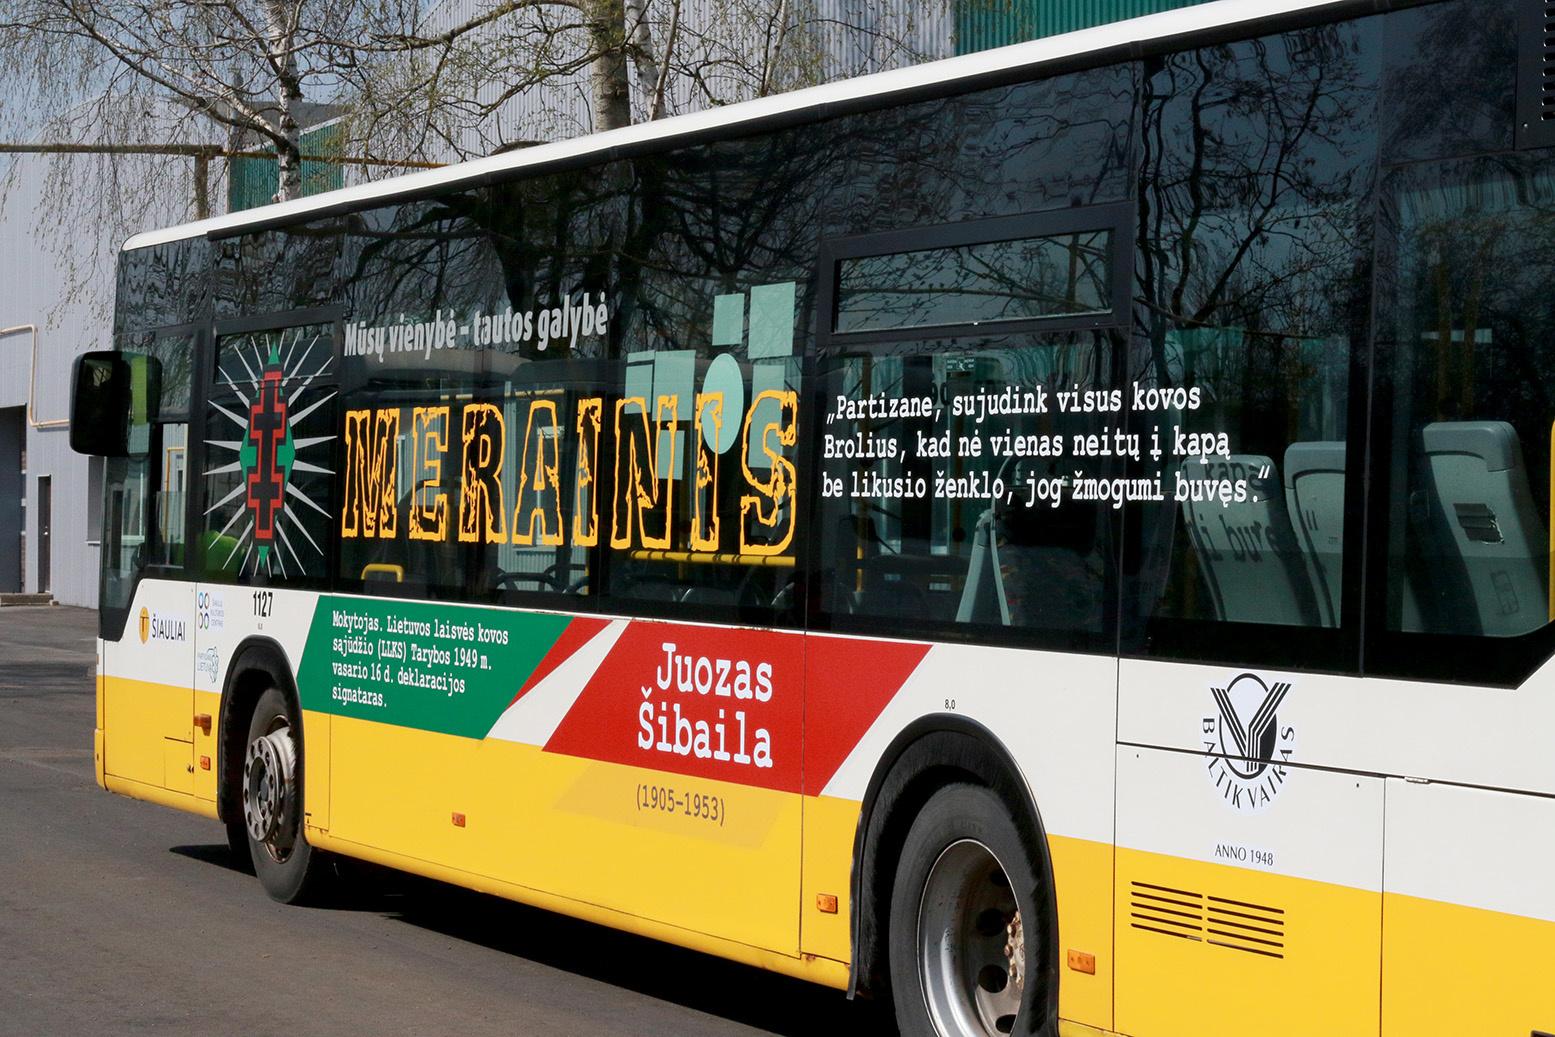 Partizanų istorijos atmintis – ant miesto autobusų